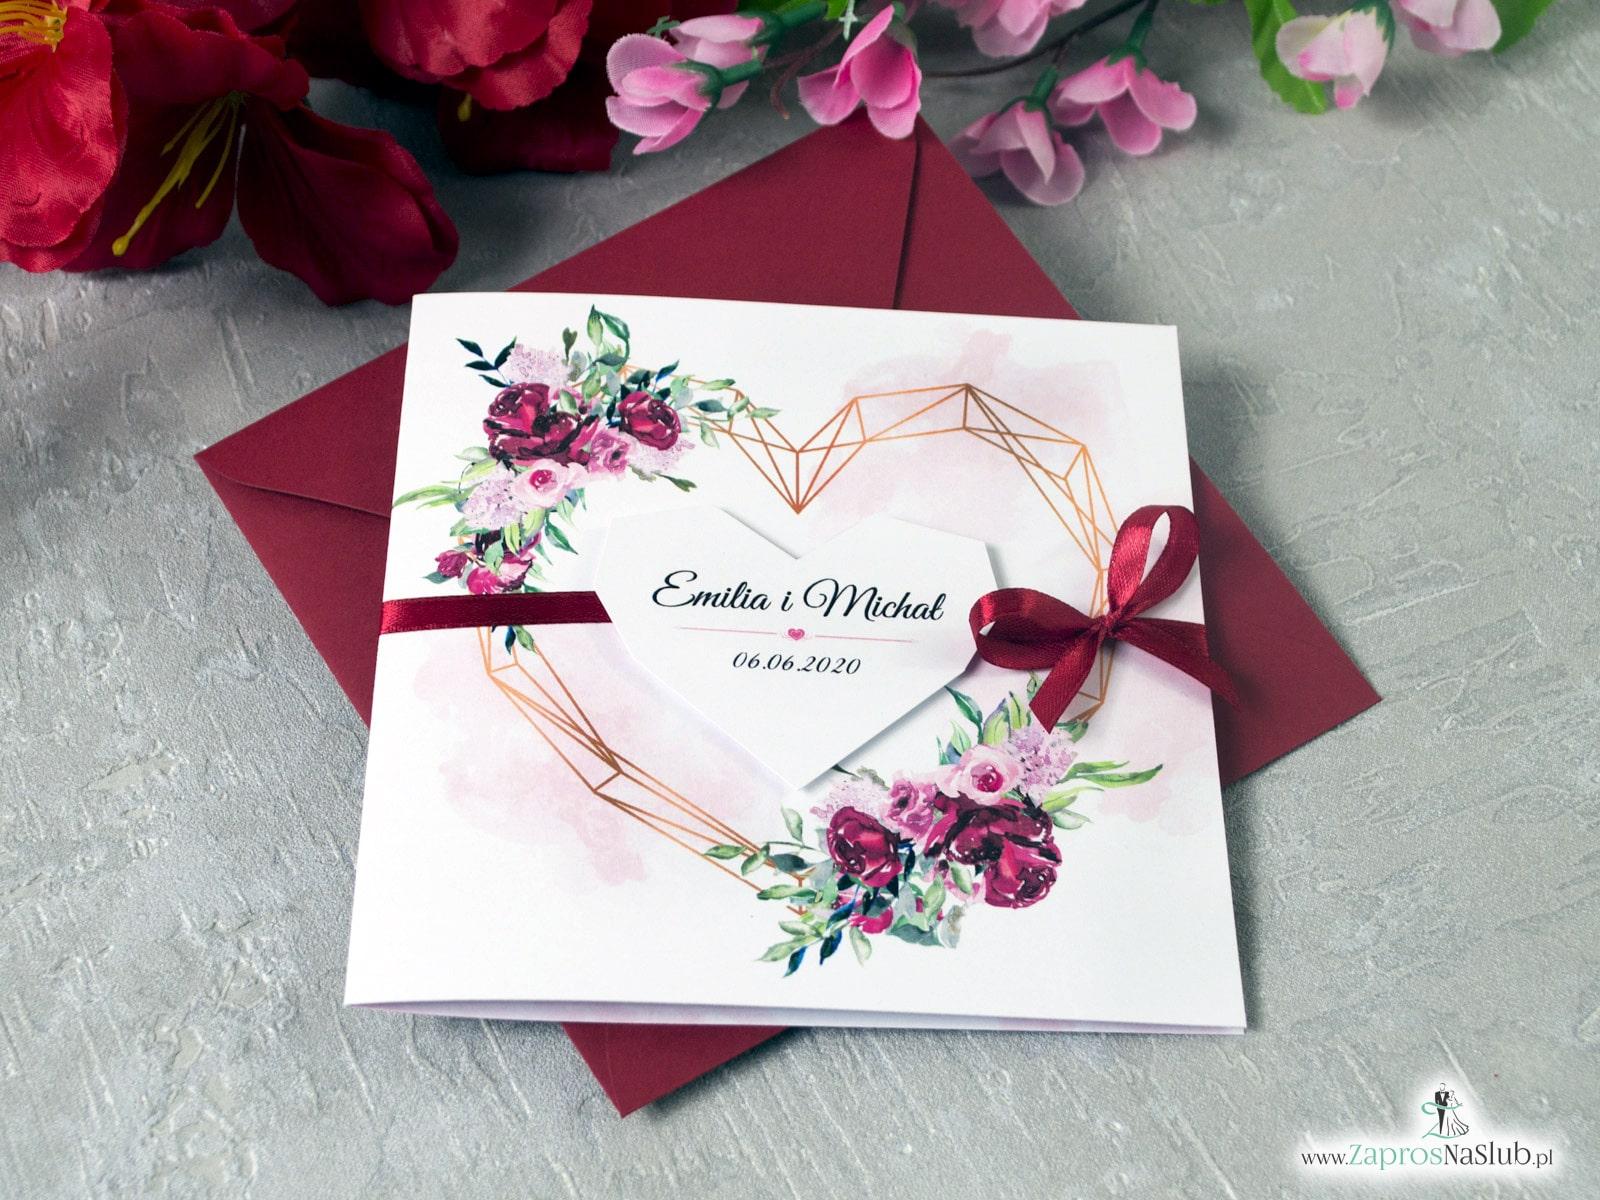 Zaproszenia ślubne, geometryczne serce, kwiaty piwonie, personalizowane, modne ZAP-41-08